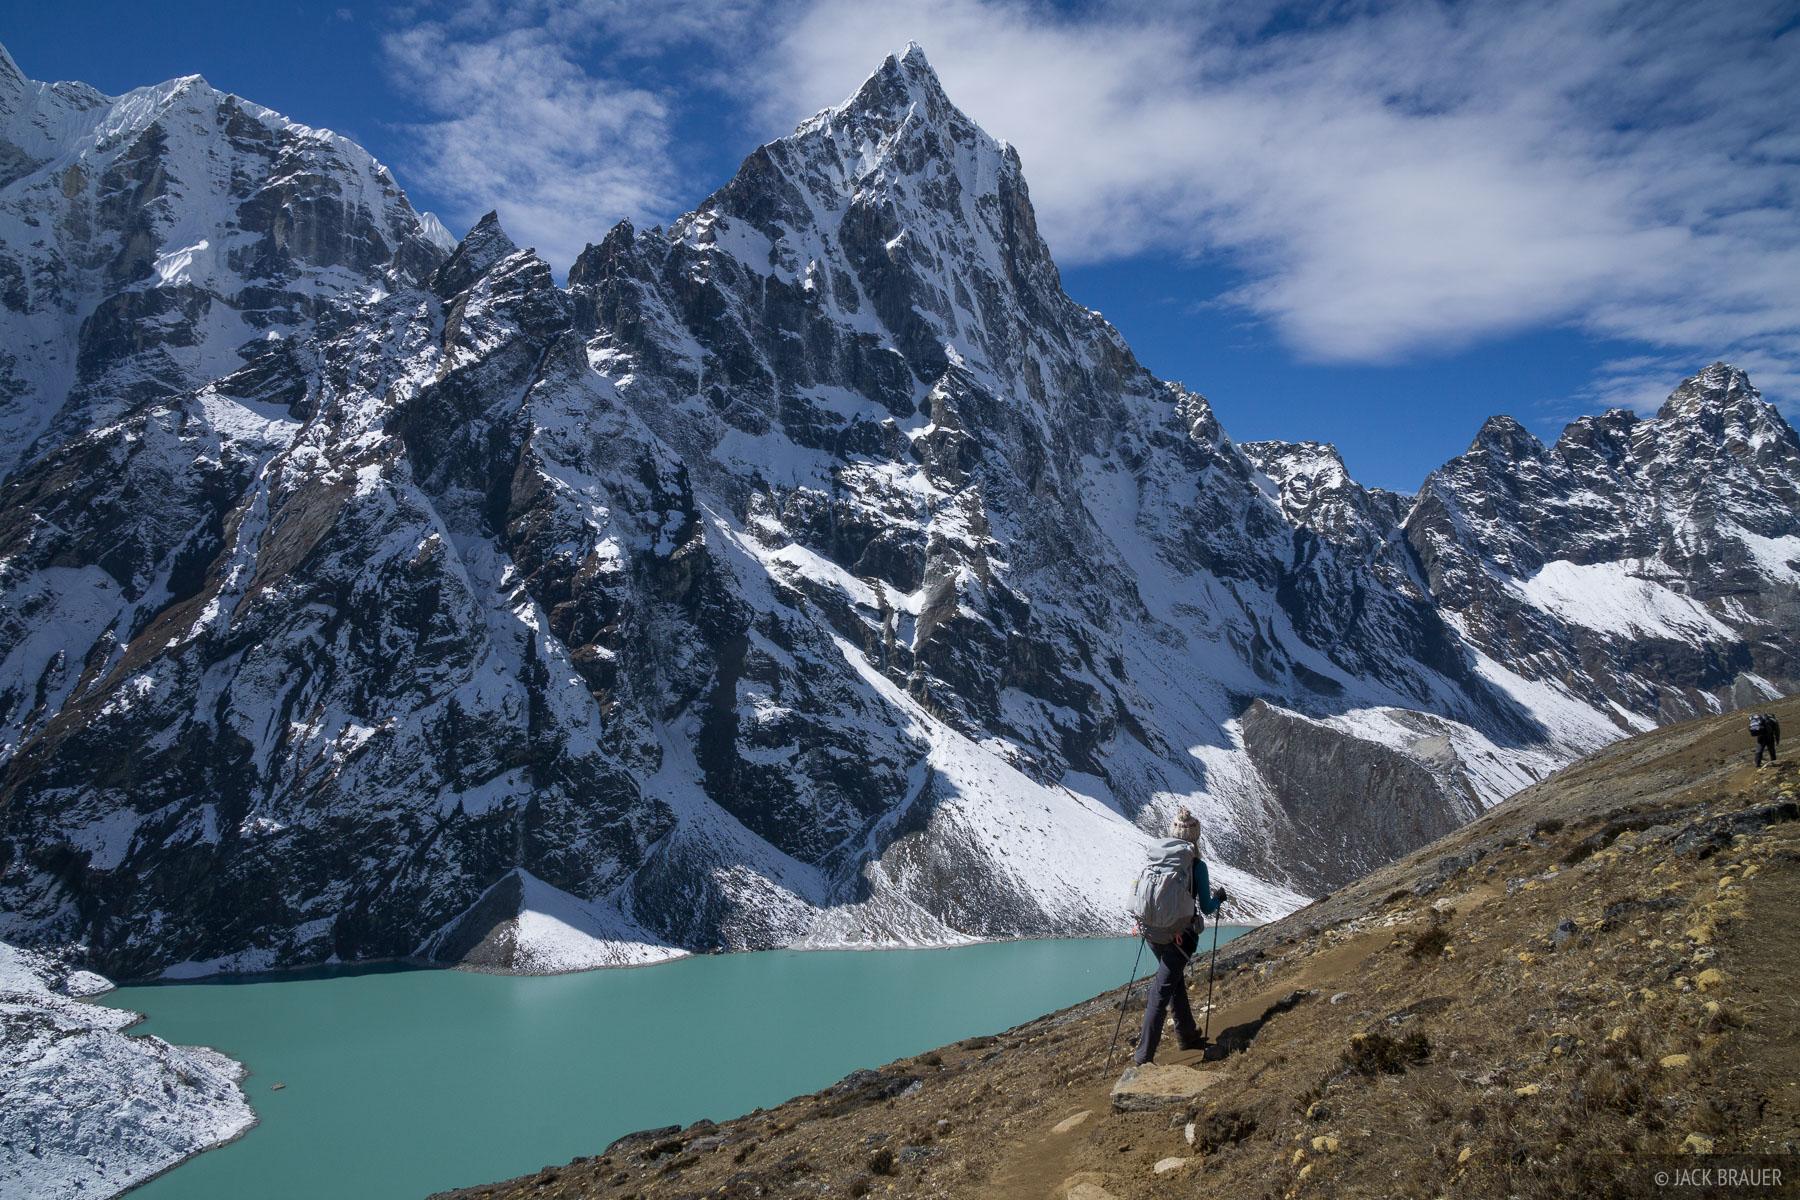 Cholatse,Himalaya,Khumbu,Nepal, hiking, photo